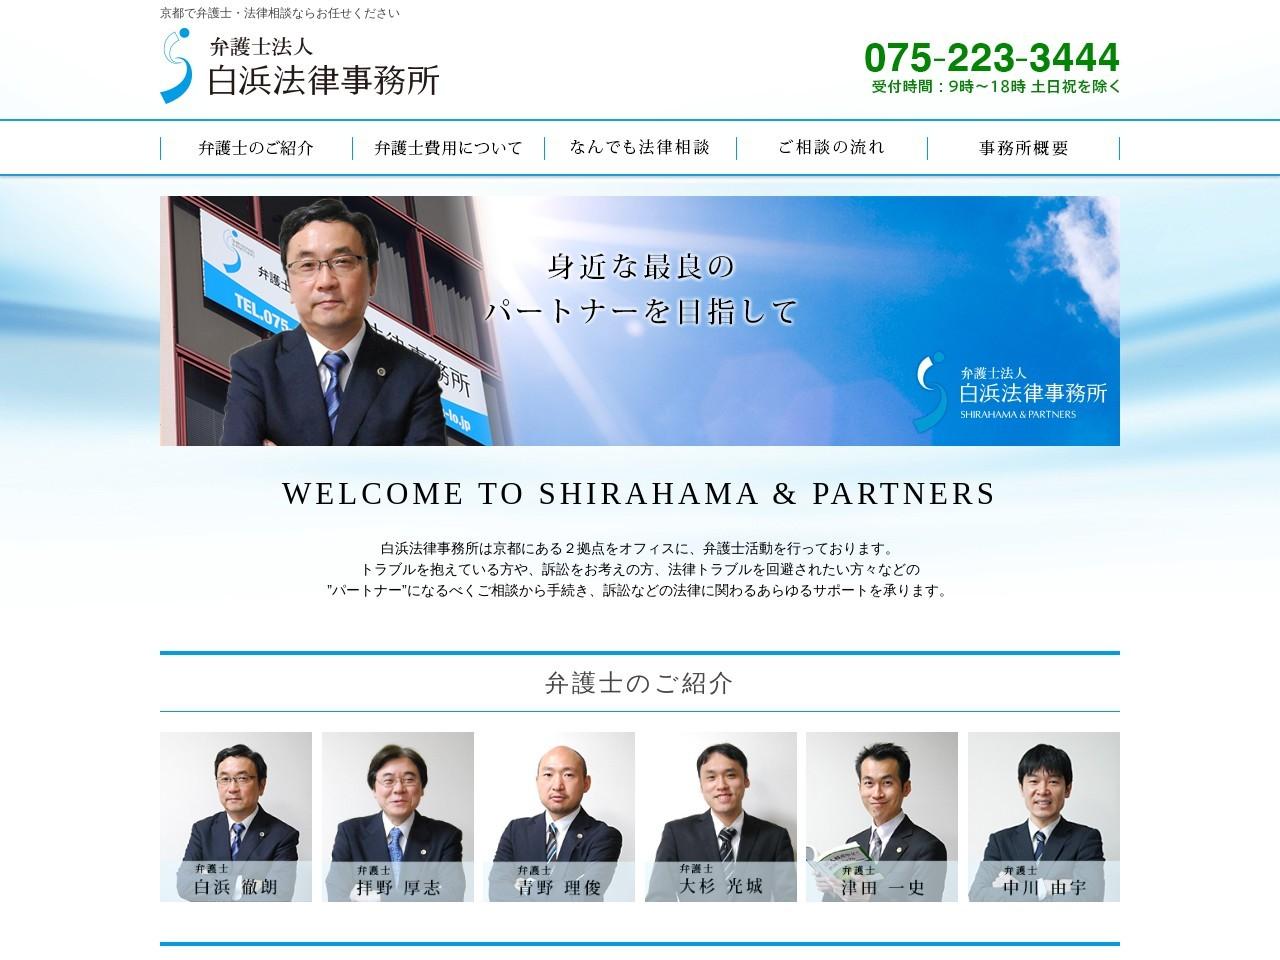 白浜法律事務所(弁護士法人)長岡京事務所